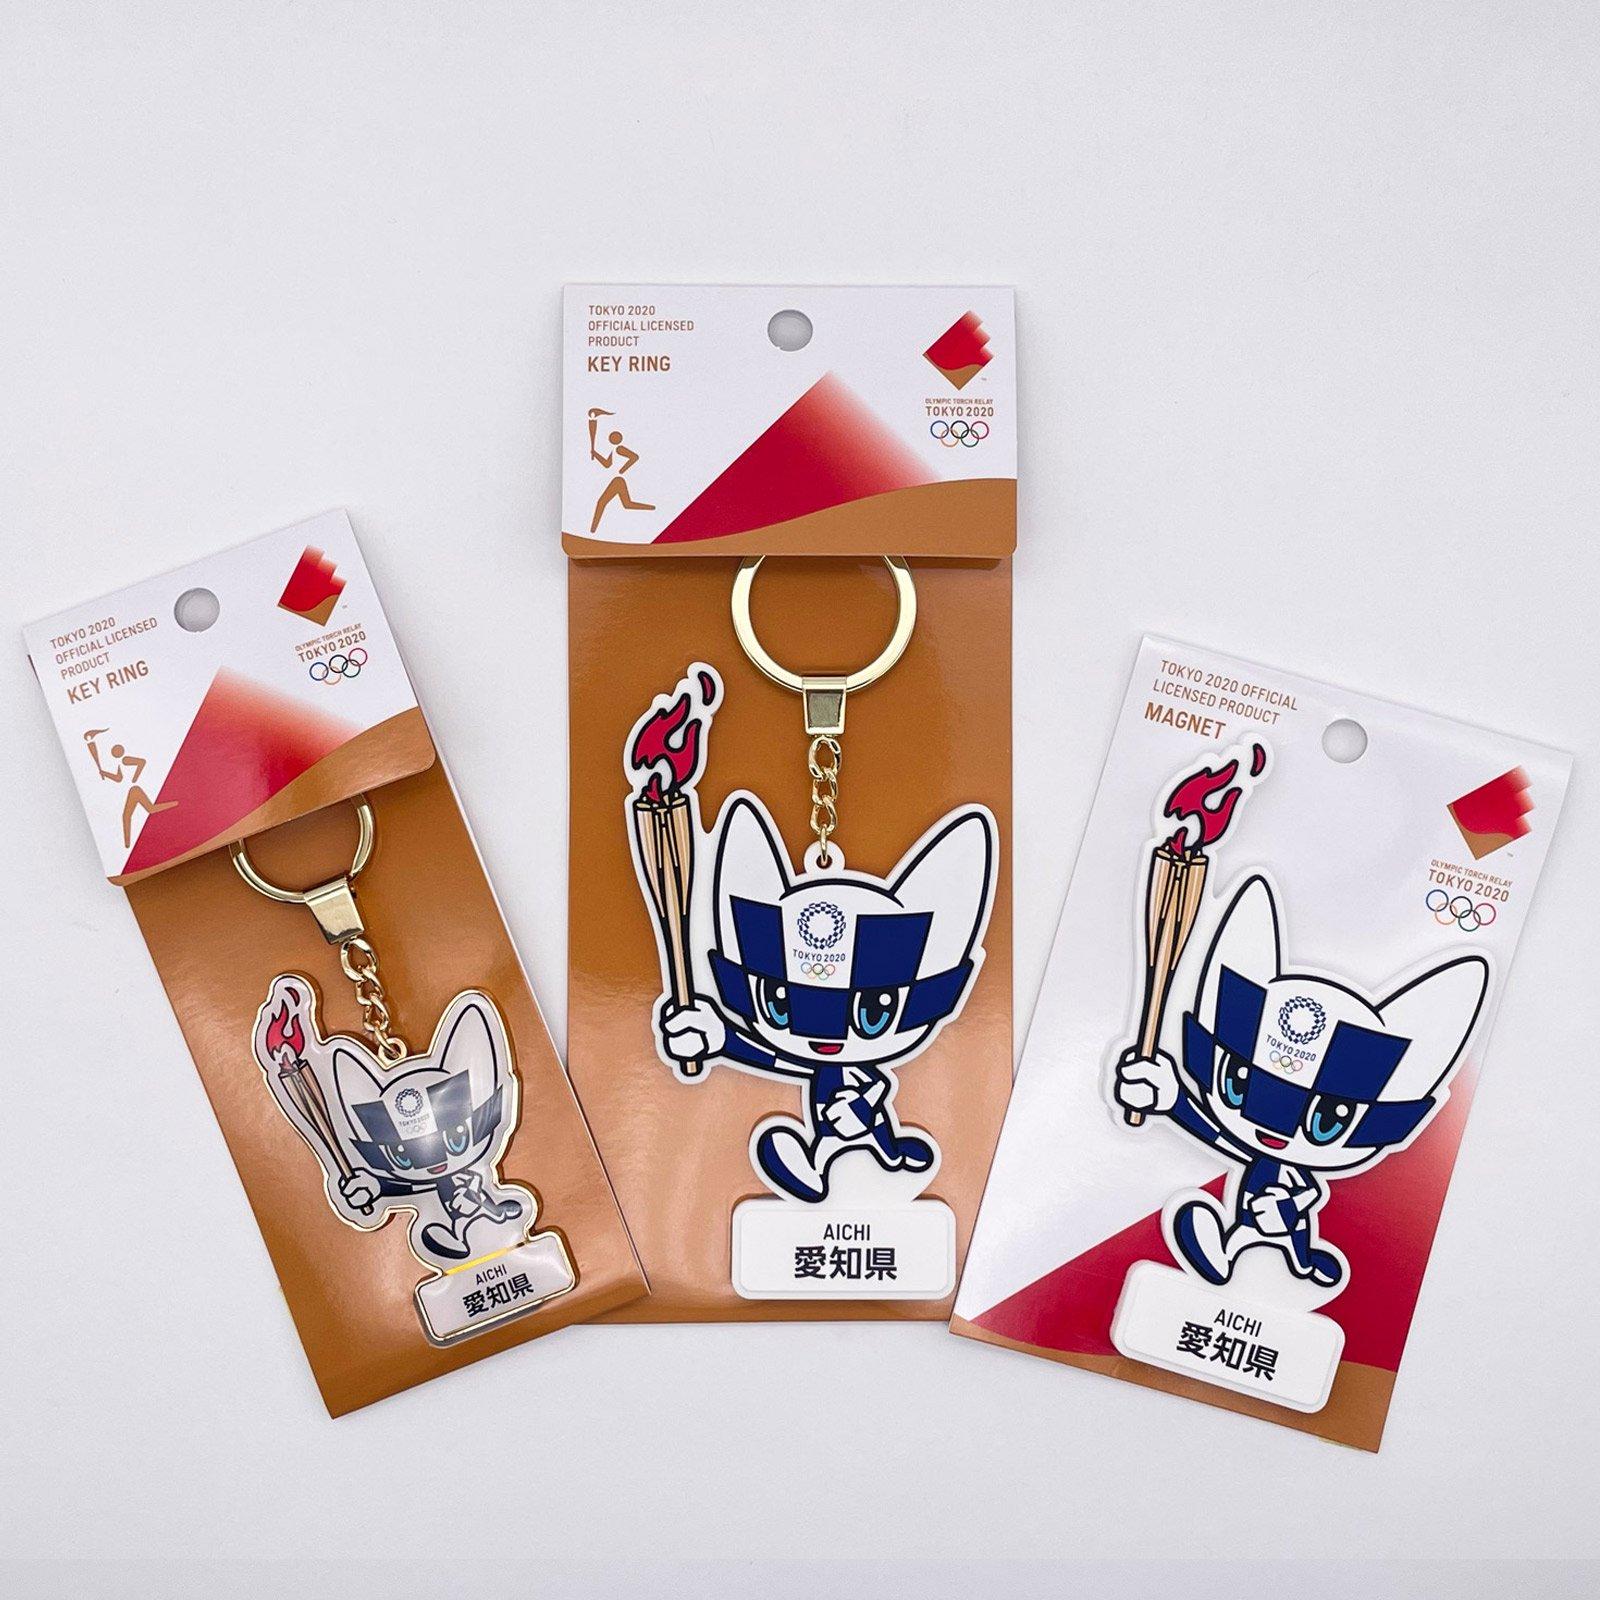 【セール価格】【お得なセット】東京2020オリンピック聖火リレーマスコット商品:愛知県セット